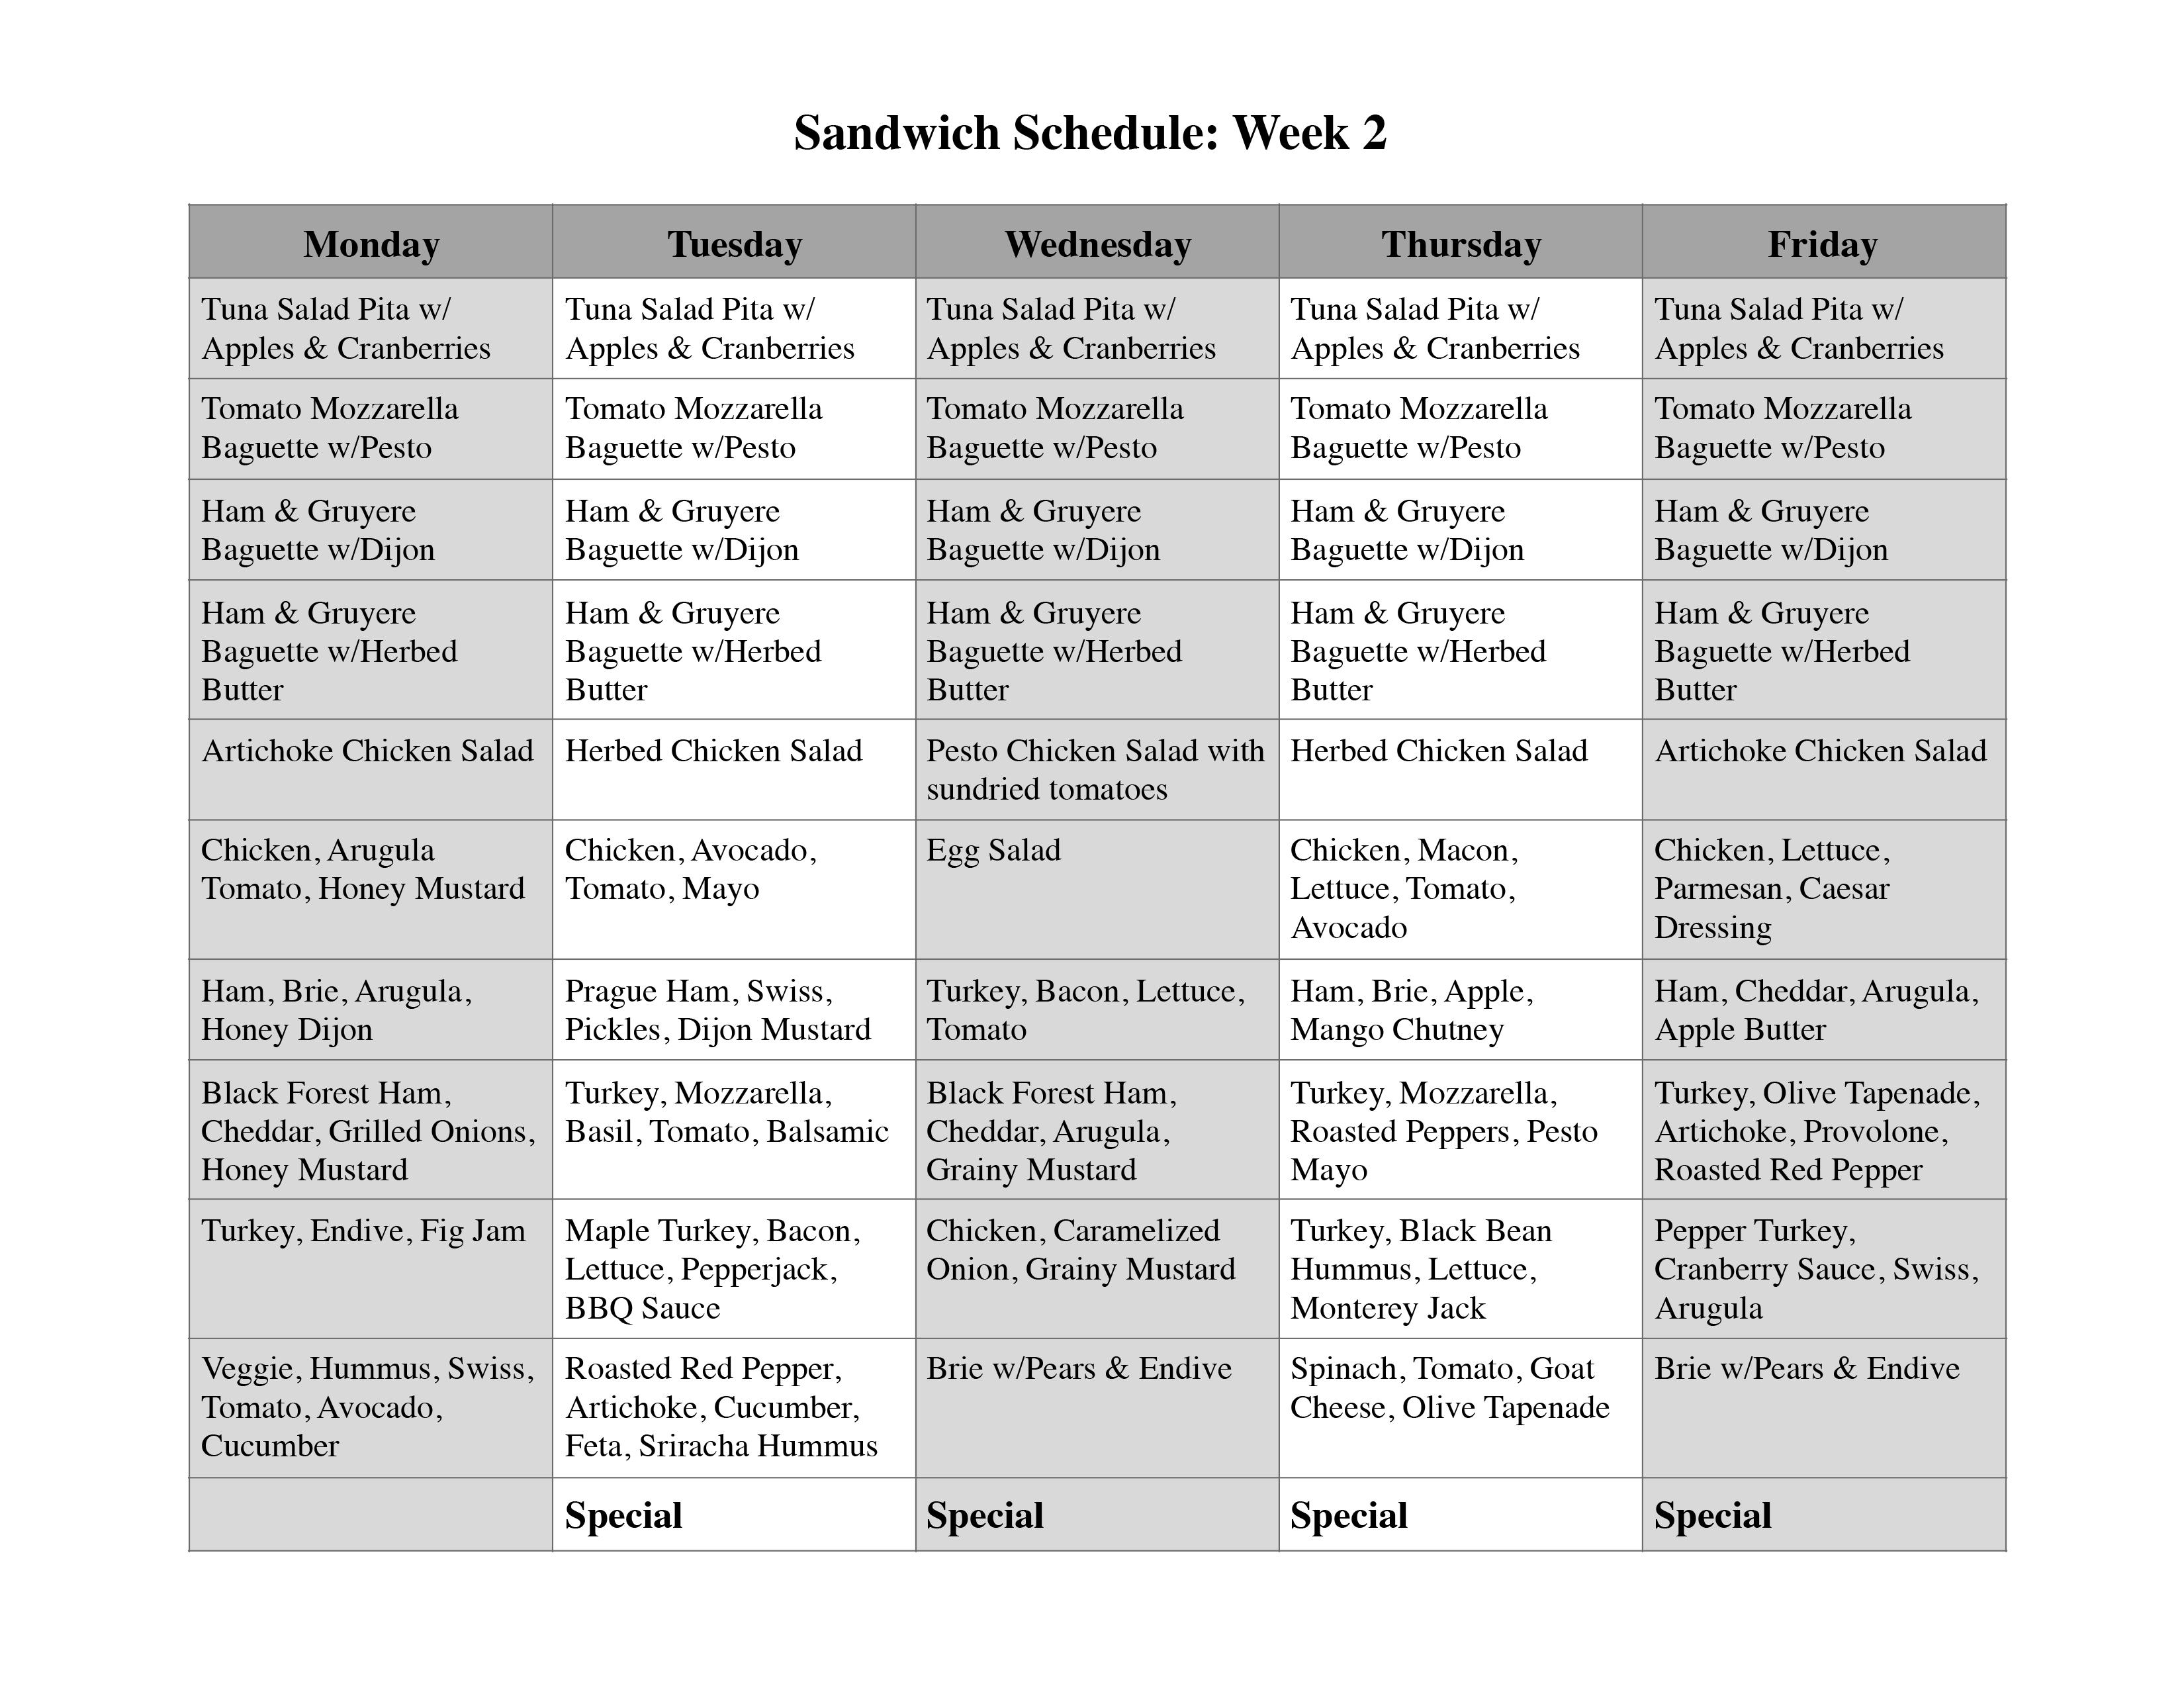 SandwichSchedule2-1